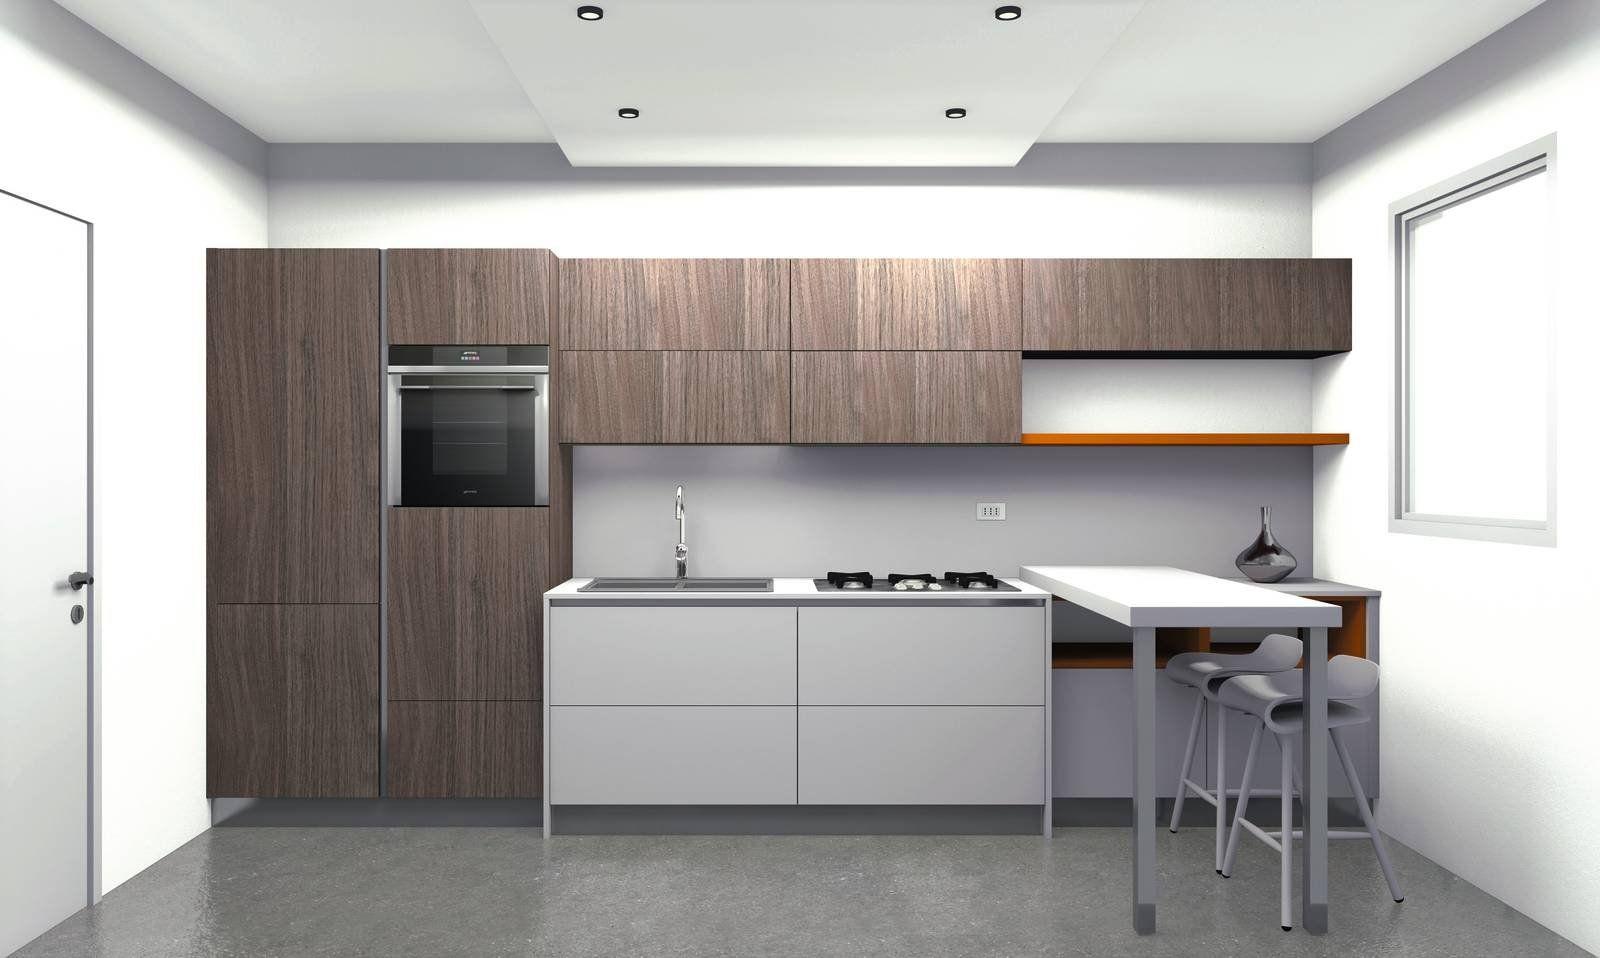 4 progetti cucina per 10 mq circa | Cucine, Arredamento e Case